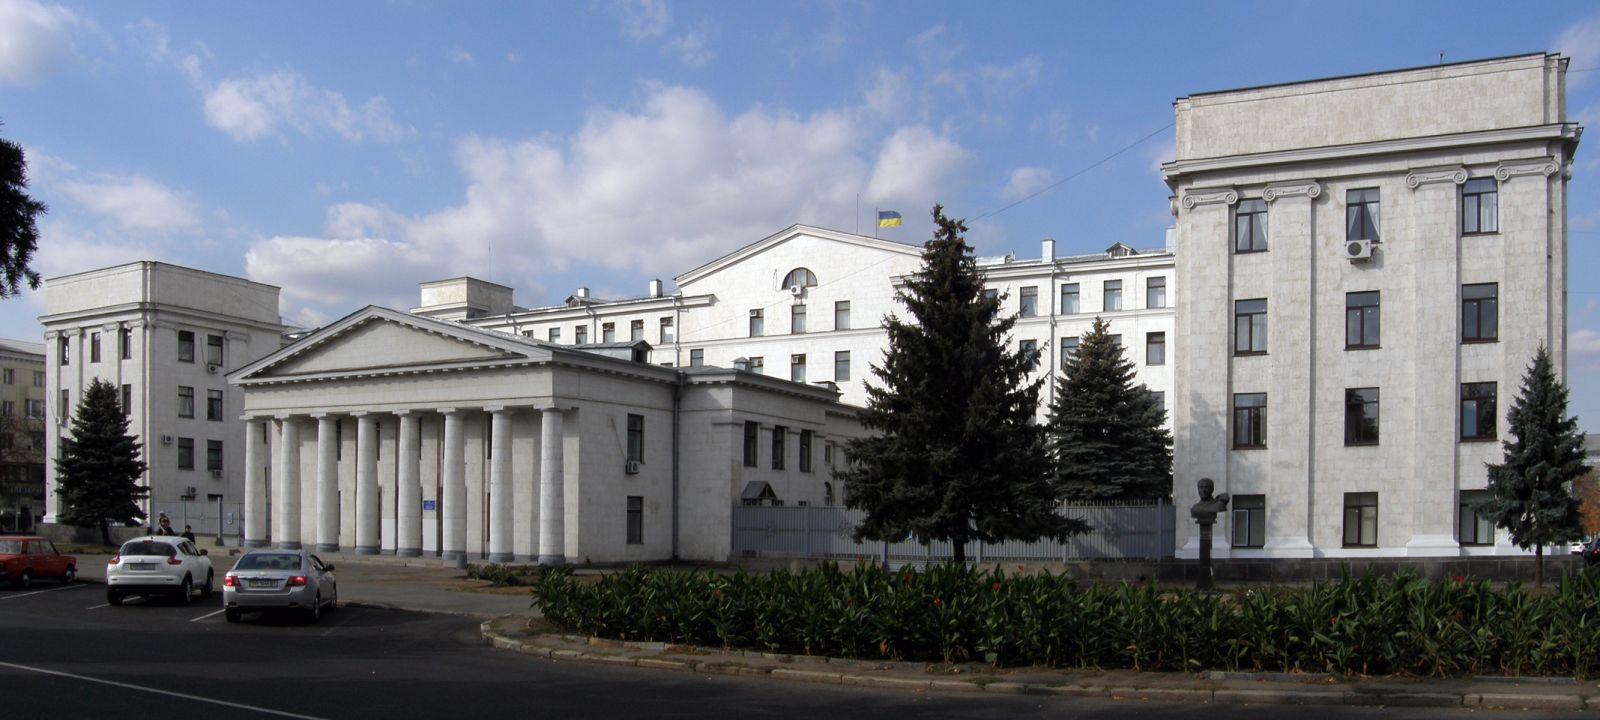 Здание луганской ога фото 6